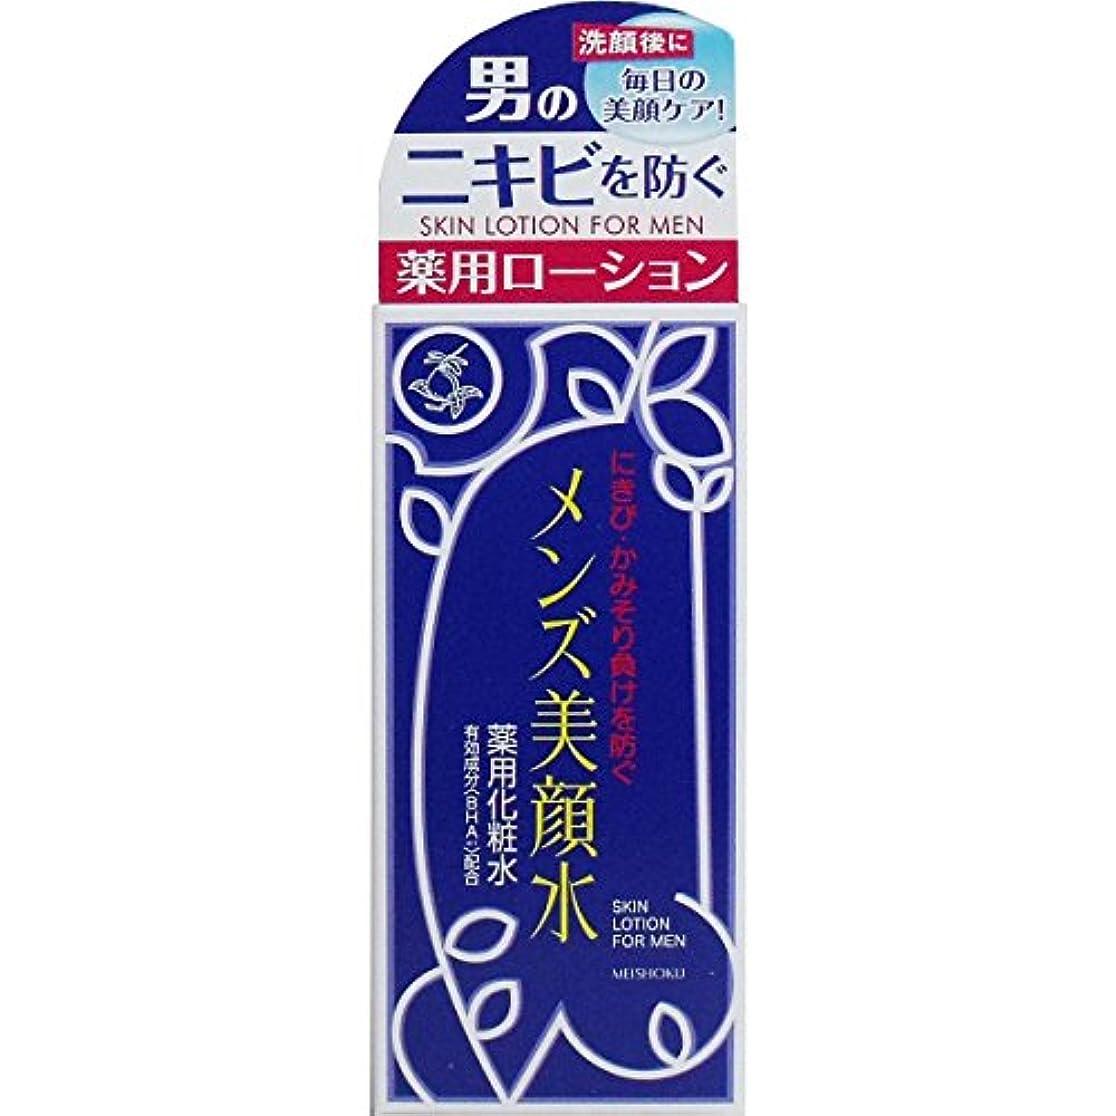 マウント吸う浴室薬用メンズ美顔水R 90ml